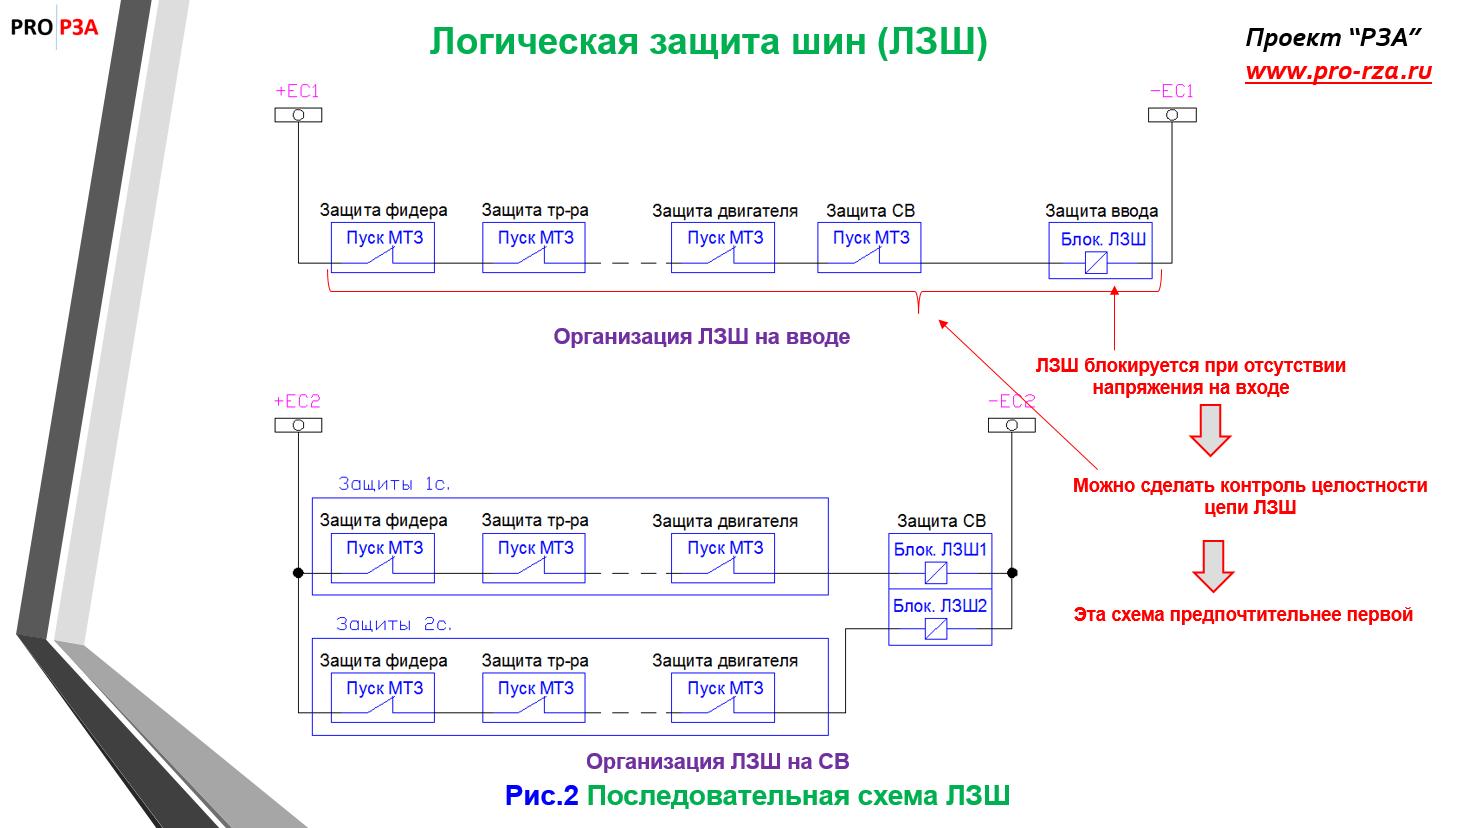 Логические схемы и элементы в терминалах релейной защиты